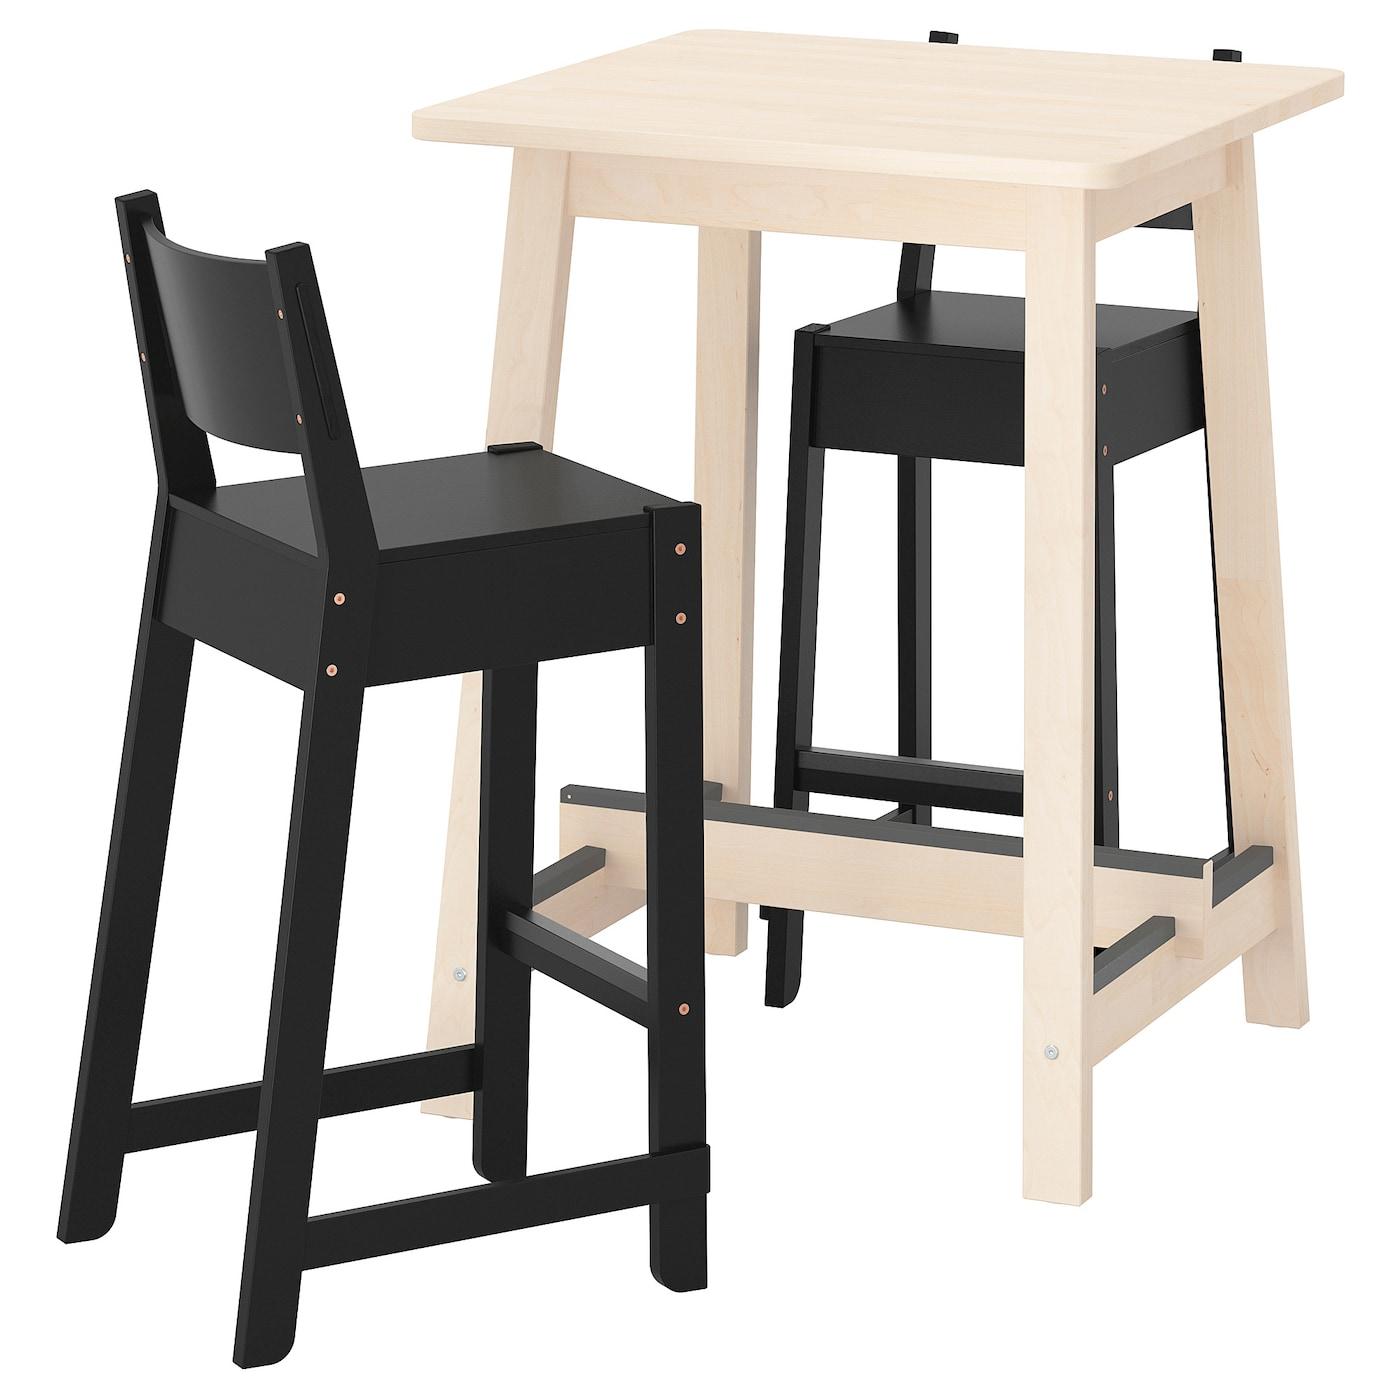 IKEA NORRÅKER / NORRÅKER Theke + 2 barstühle Birke/schwarz | Küche und Esszimmer > Bar-Möbel > Tresen und Theken | IKEA